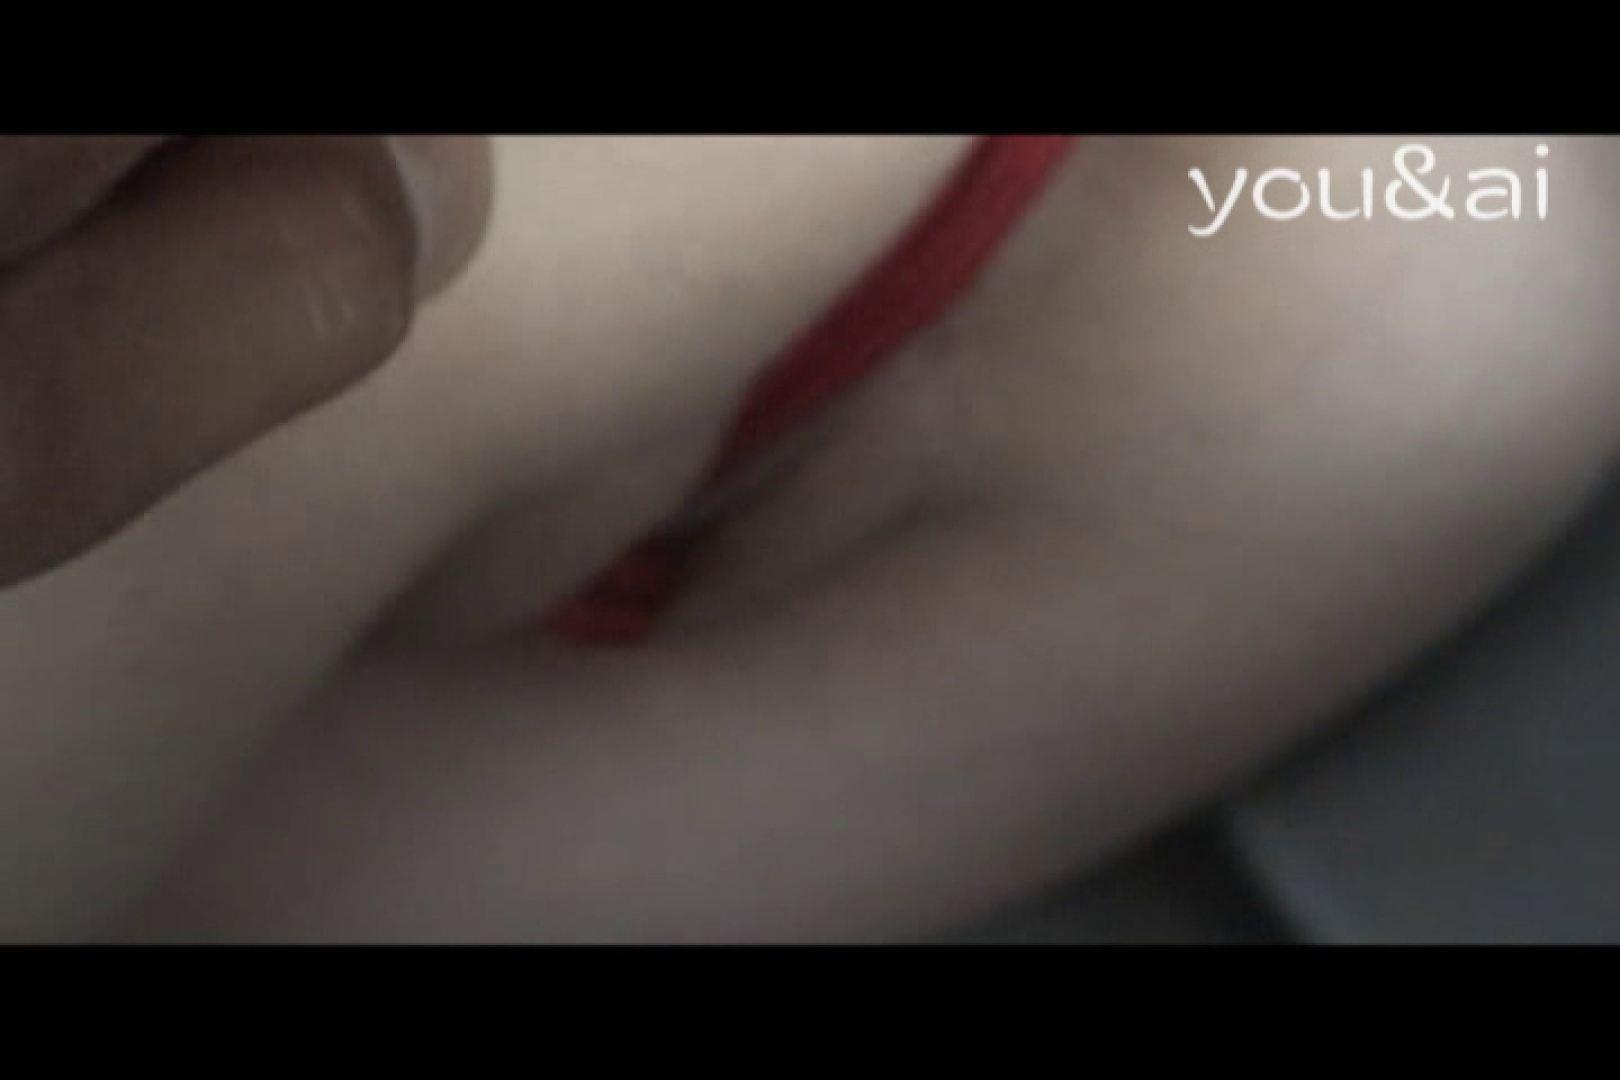 おしどり夫婦のyou&aiさん投稿作品vol.4 緊縛 | 一般投稿  107画像 16